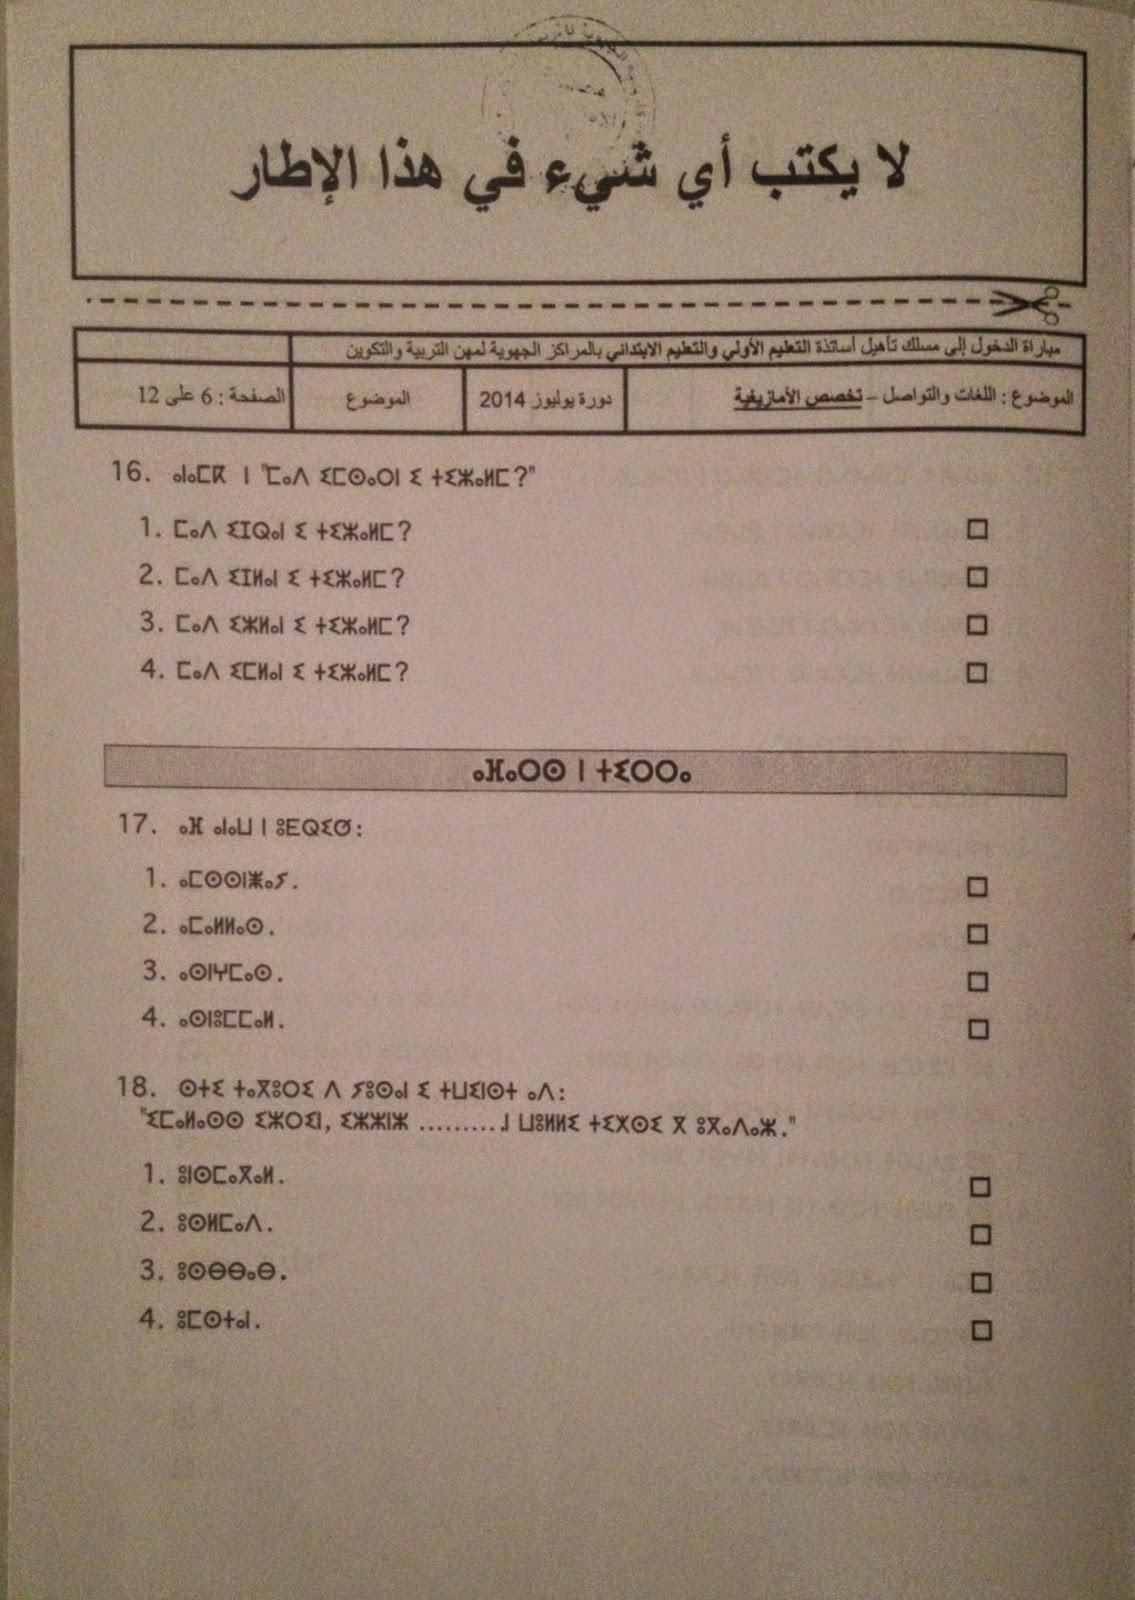 الاختبار الكتابي لولوج المراكز الجهوية للسلك الابتدائي دورة يوليوز 2014- الامازيغية  Nouveau%2Bdocument%2B5_6